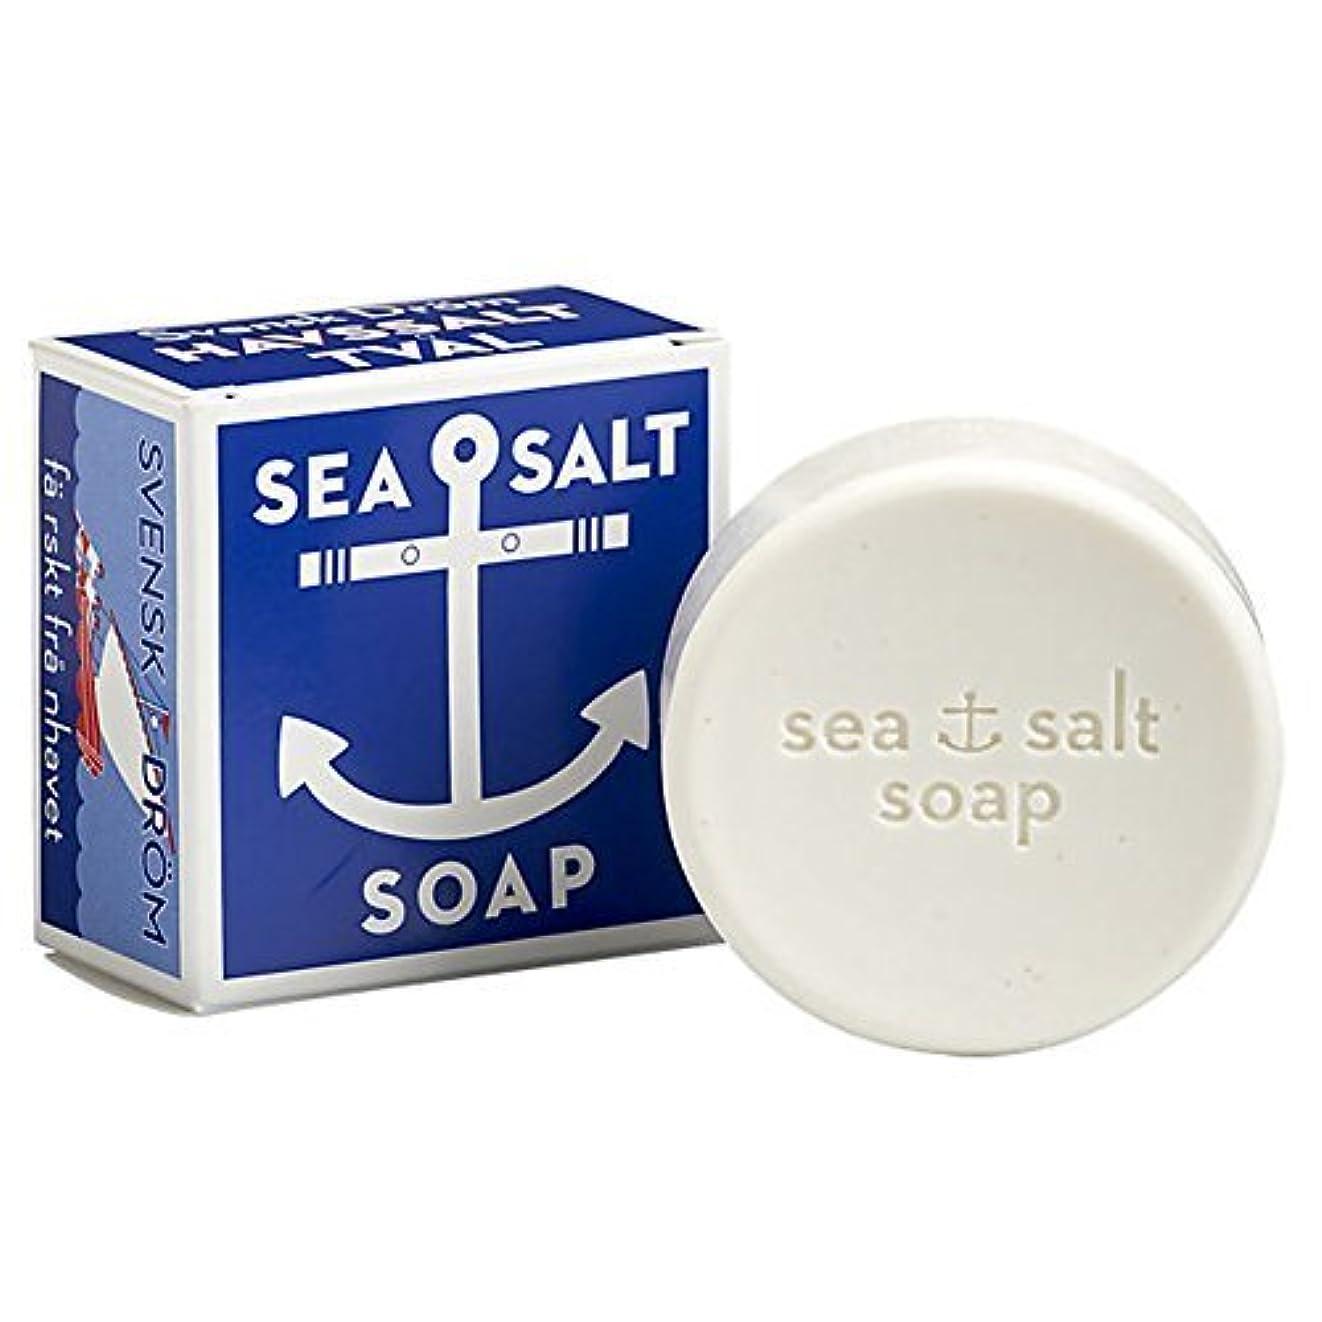 勇敢なウール除外するSwedish Dream Sea Salt Invigorating Bath Soap - One 4.3 oz Bar by Swedish Dream [並行輸入品]